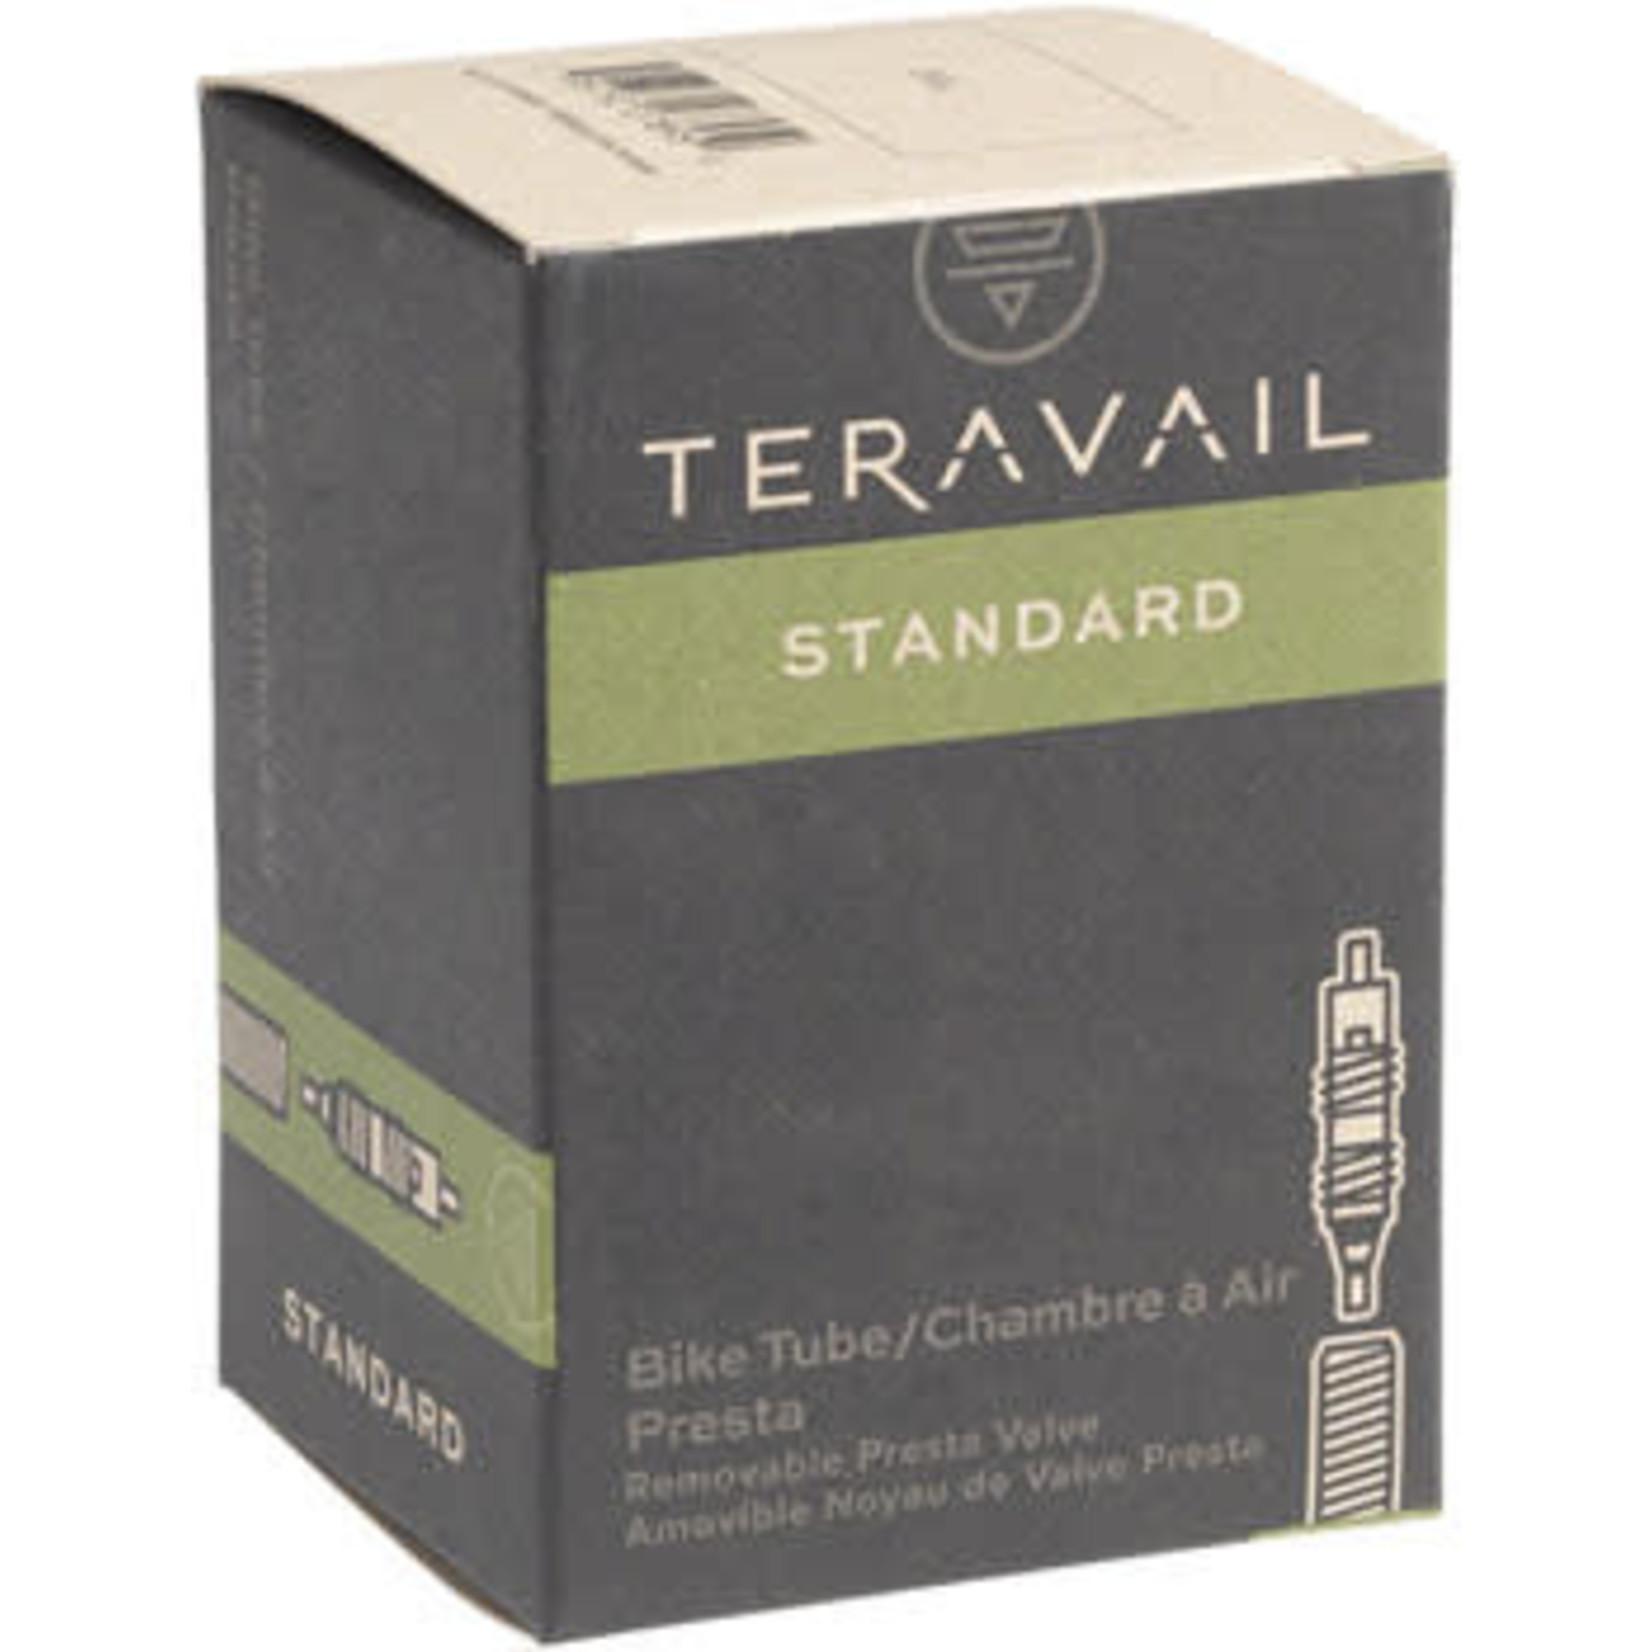 Teravail Teravail Standard Presta Tube - 700x28-35C, 40mm